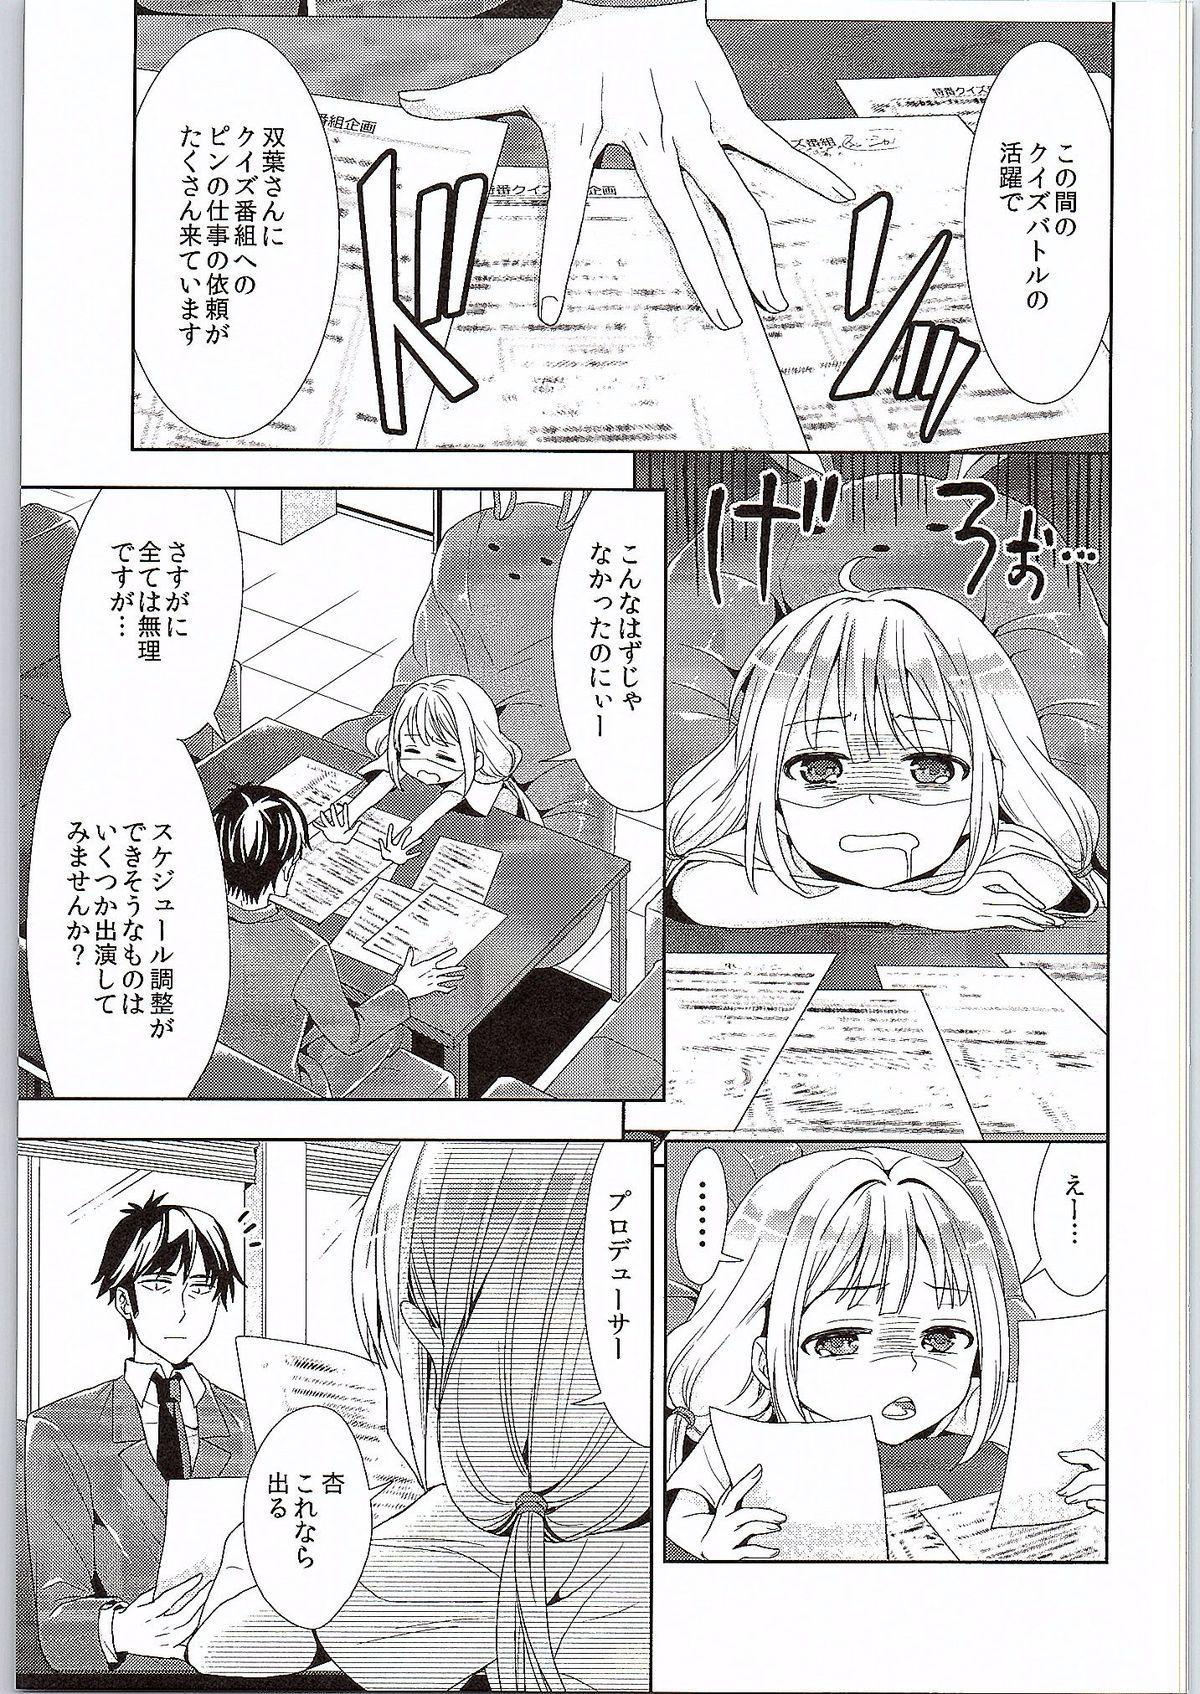 Anzu, Takeuchi P ni Honki Dashima-su! 2